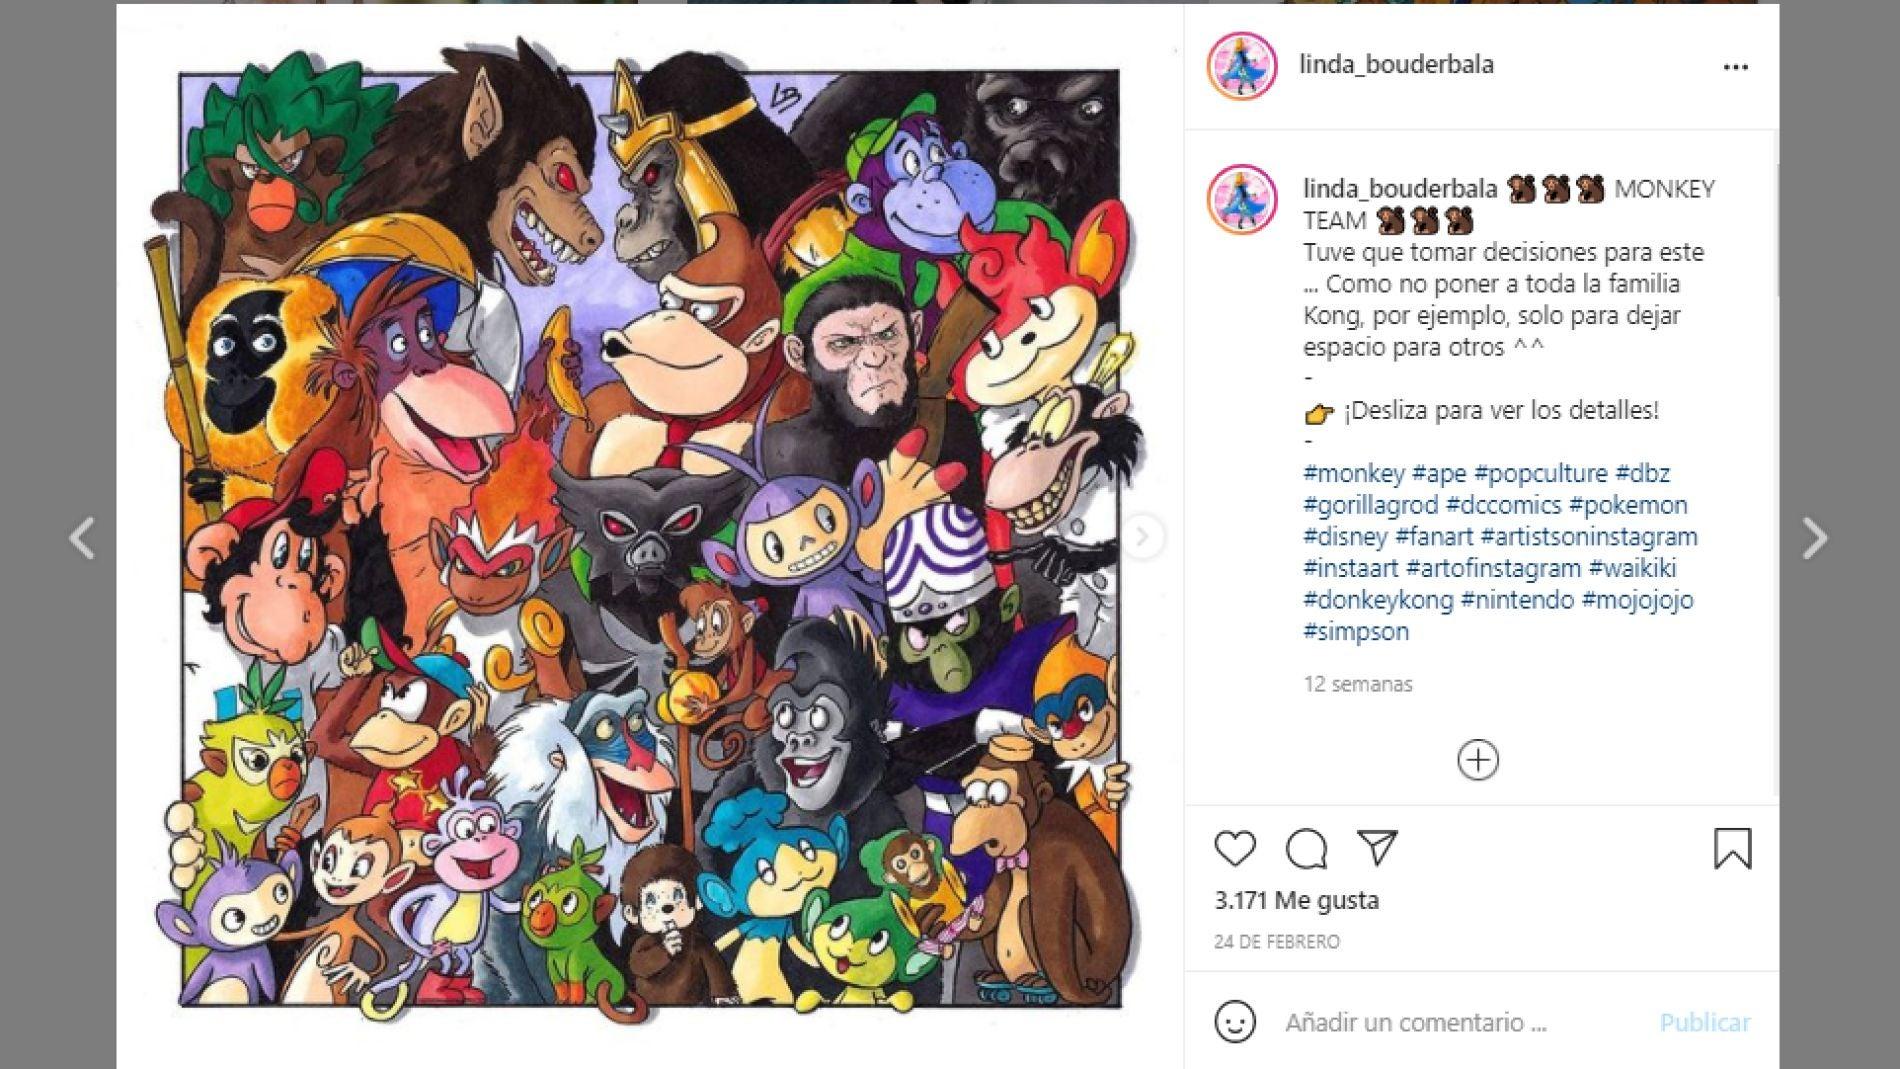 Instagram de @linda_bouderbala